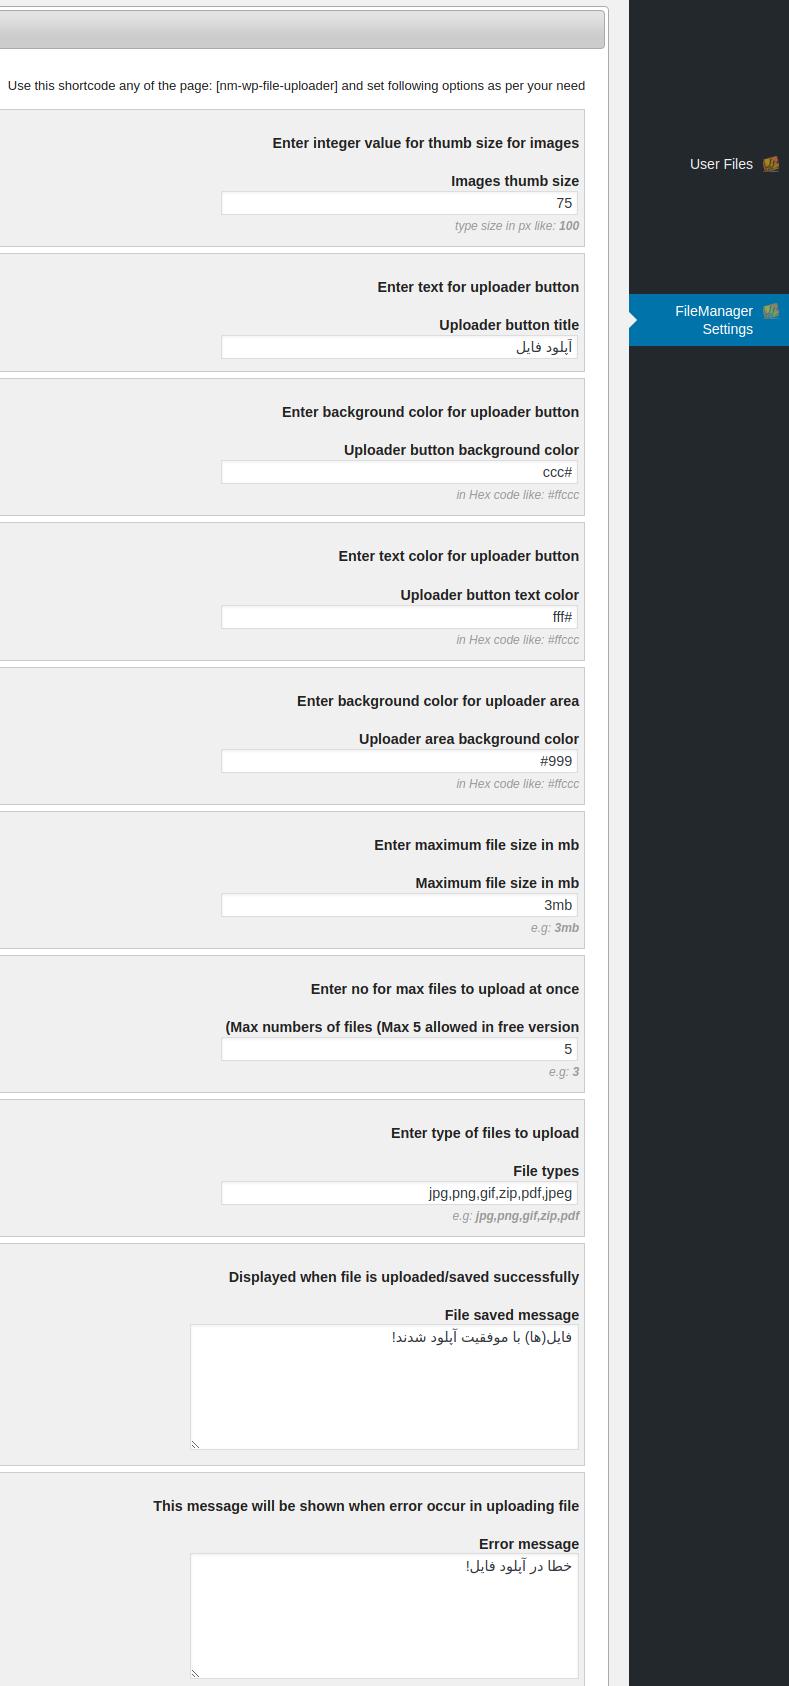 آموزش آپلود فایل توسط کاربر در وردپرس